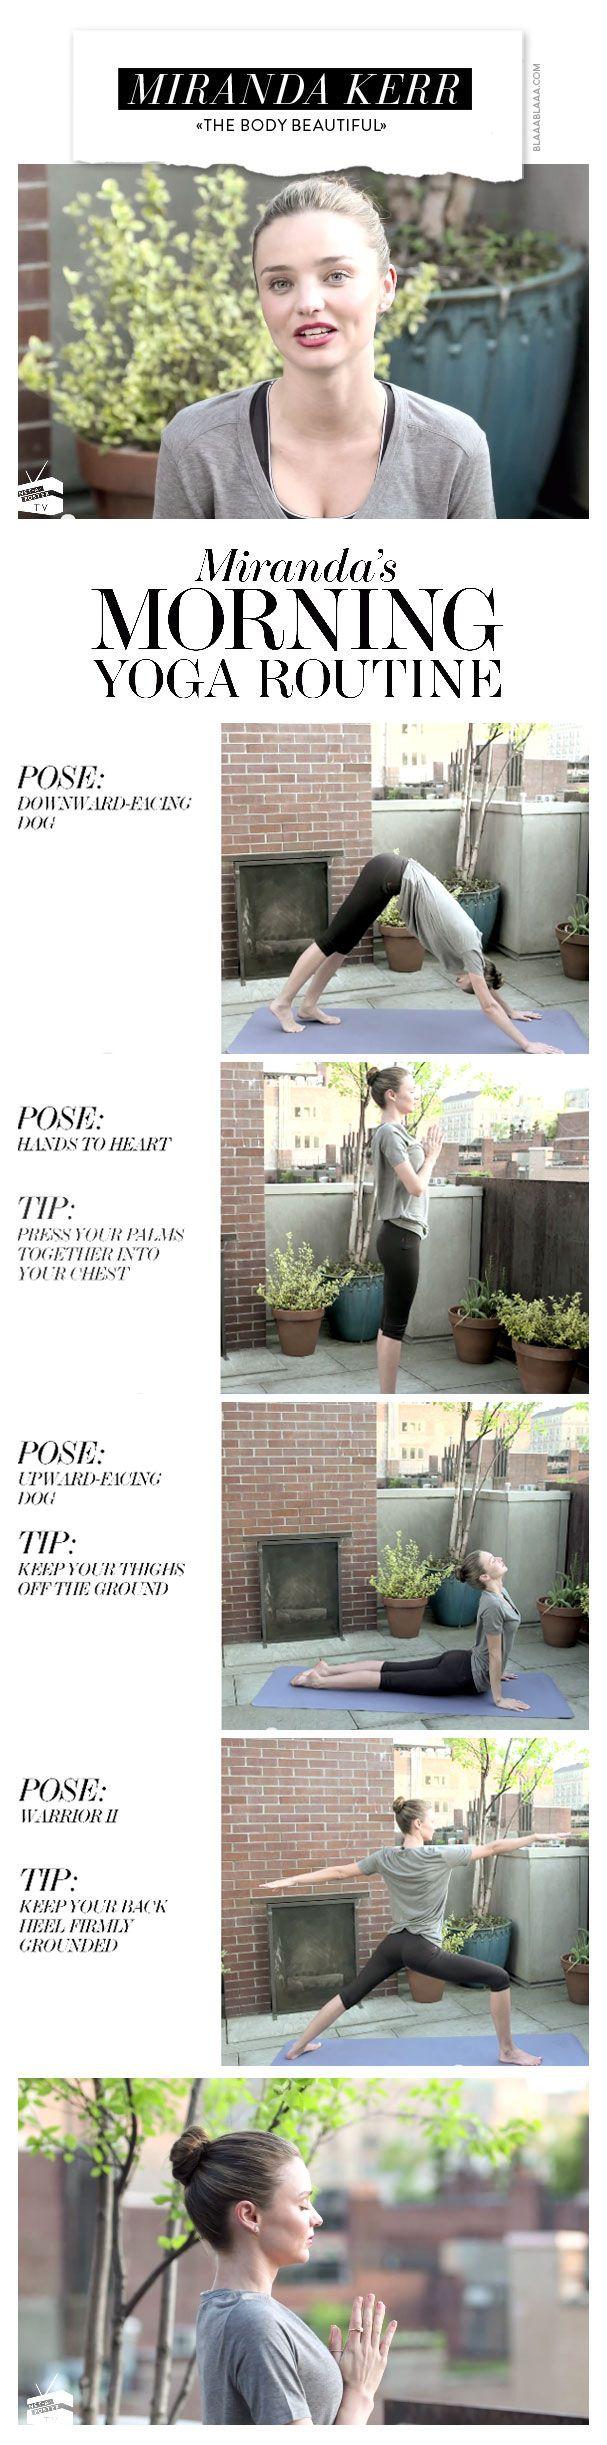 Yoga mit Miranda Kerr. Will try this soon!